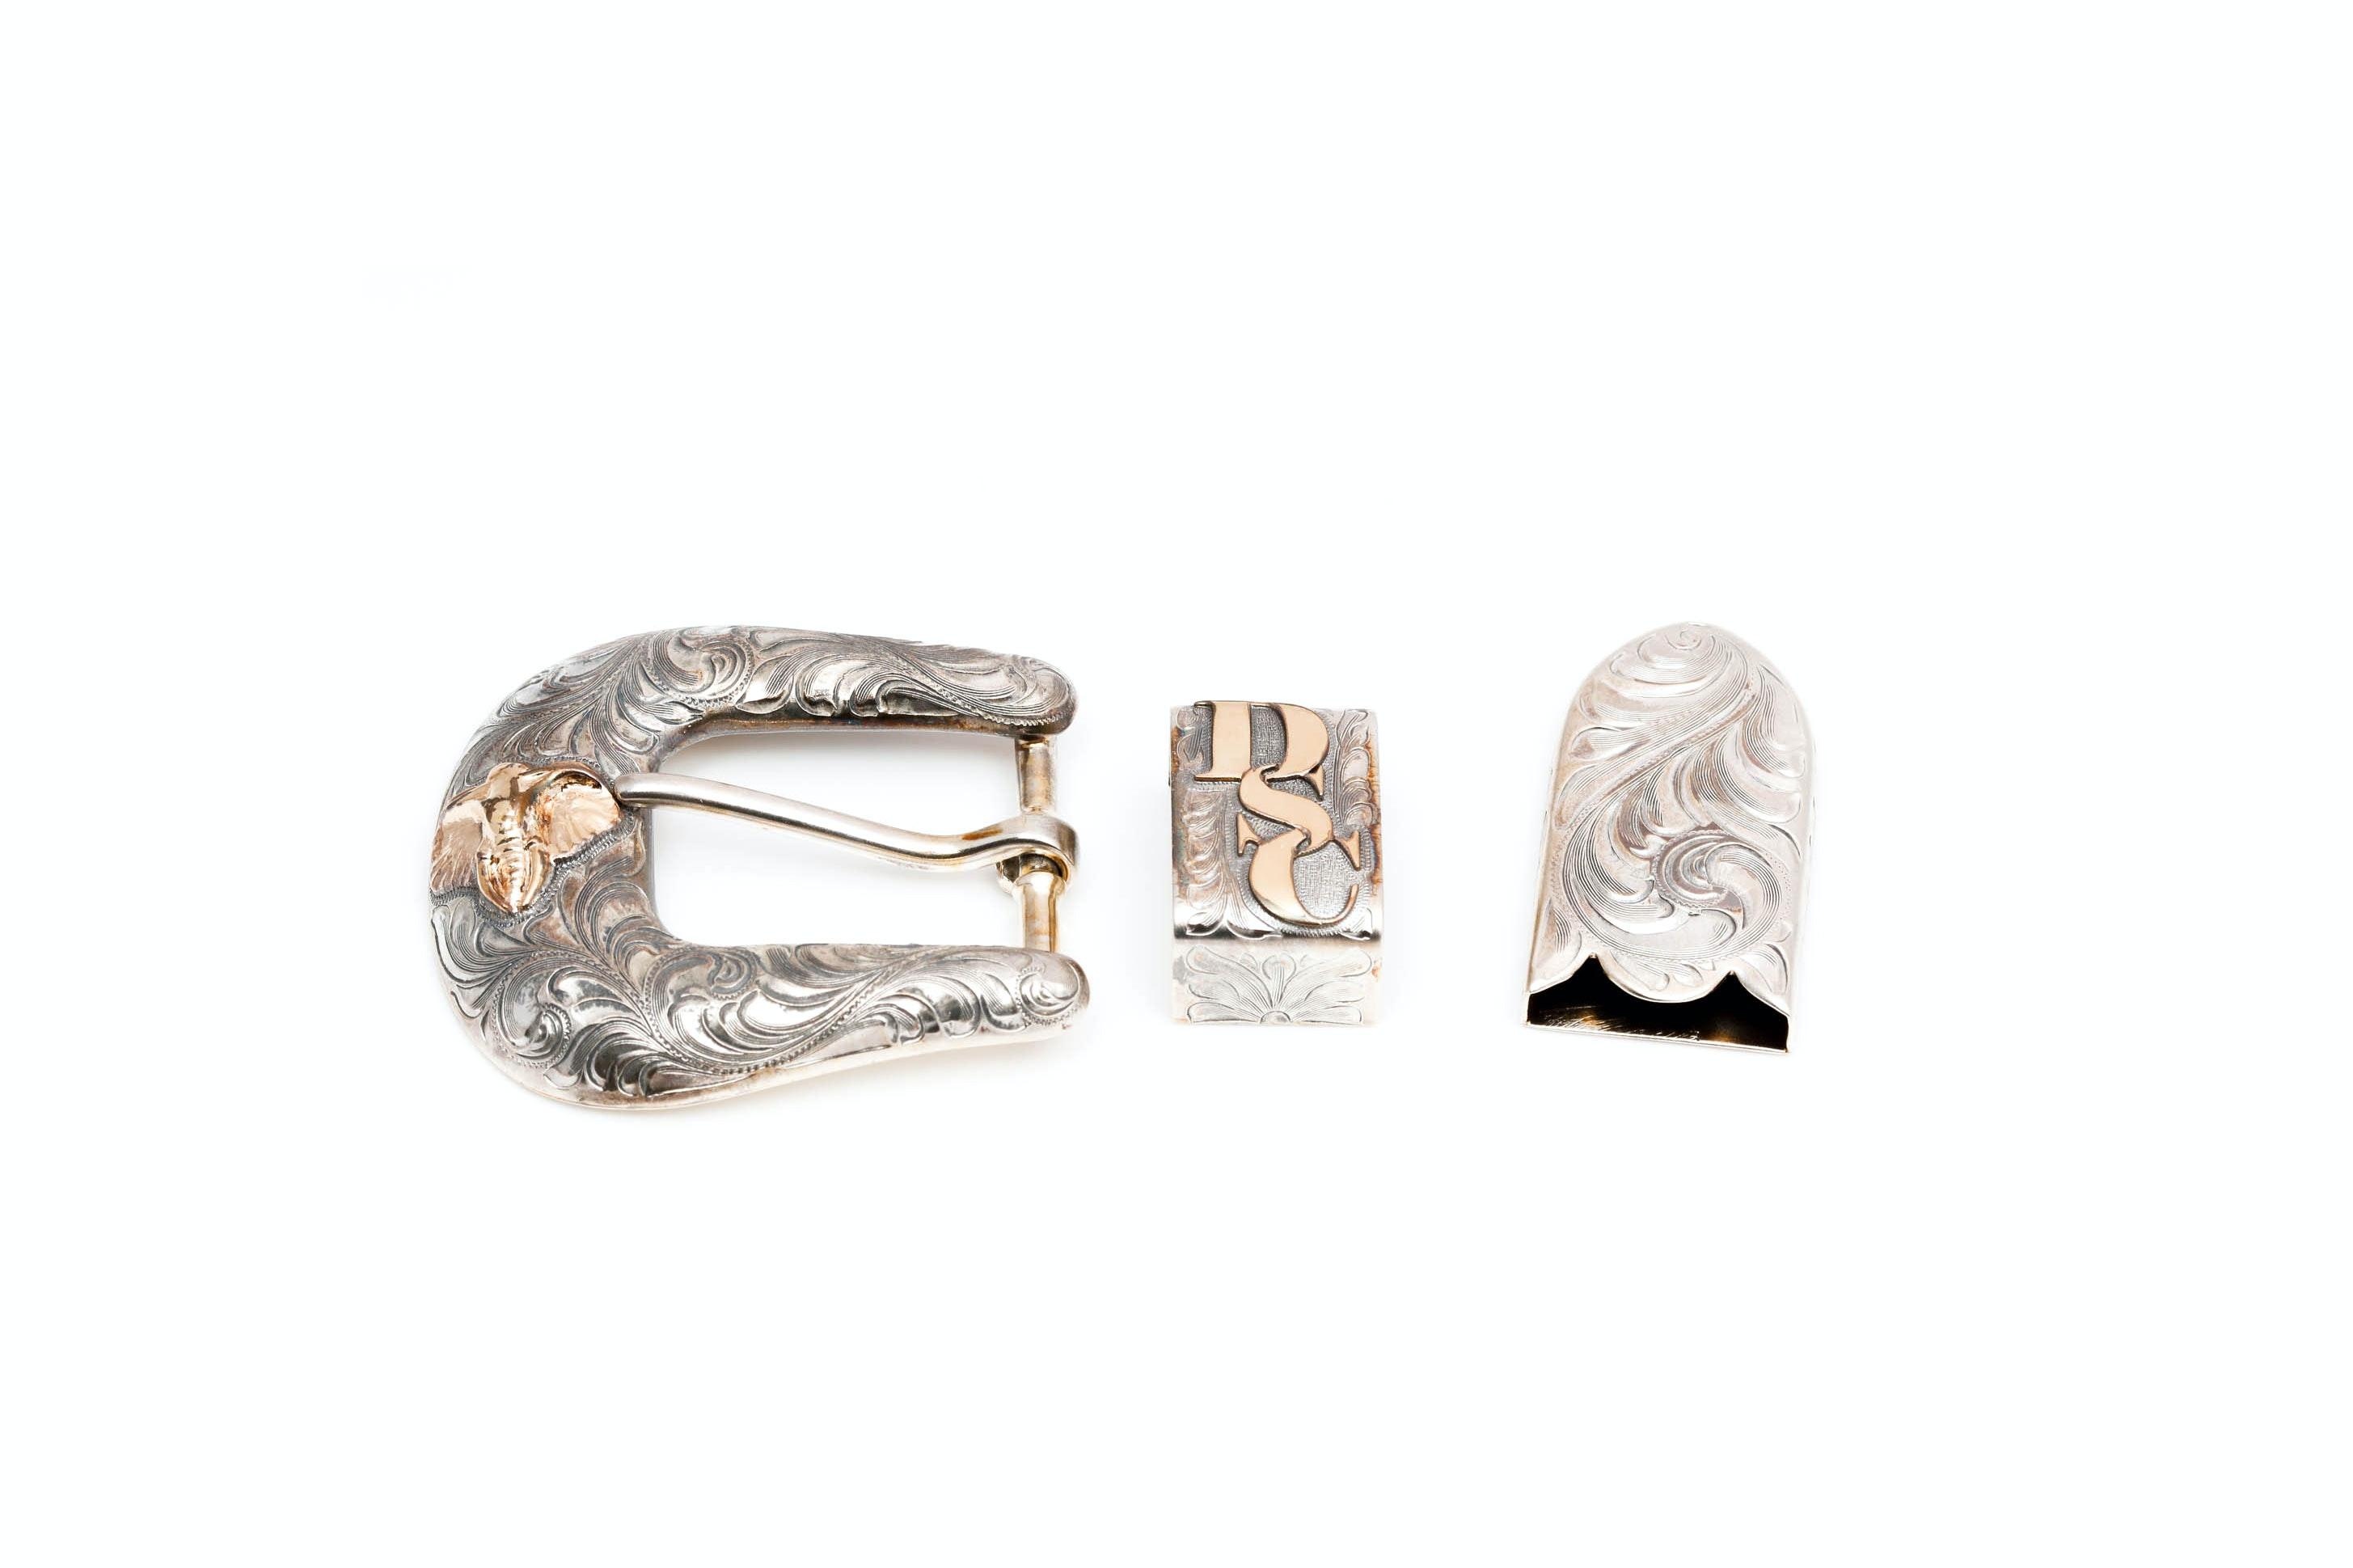 VOGT Sterling Silver Three Piece Belt Buckle